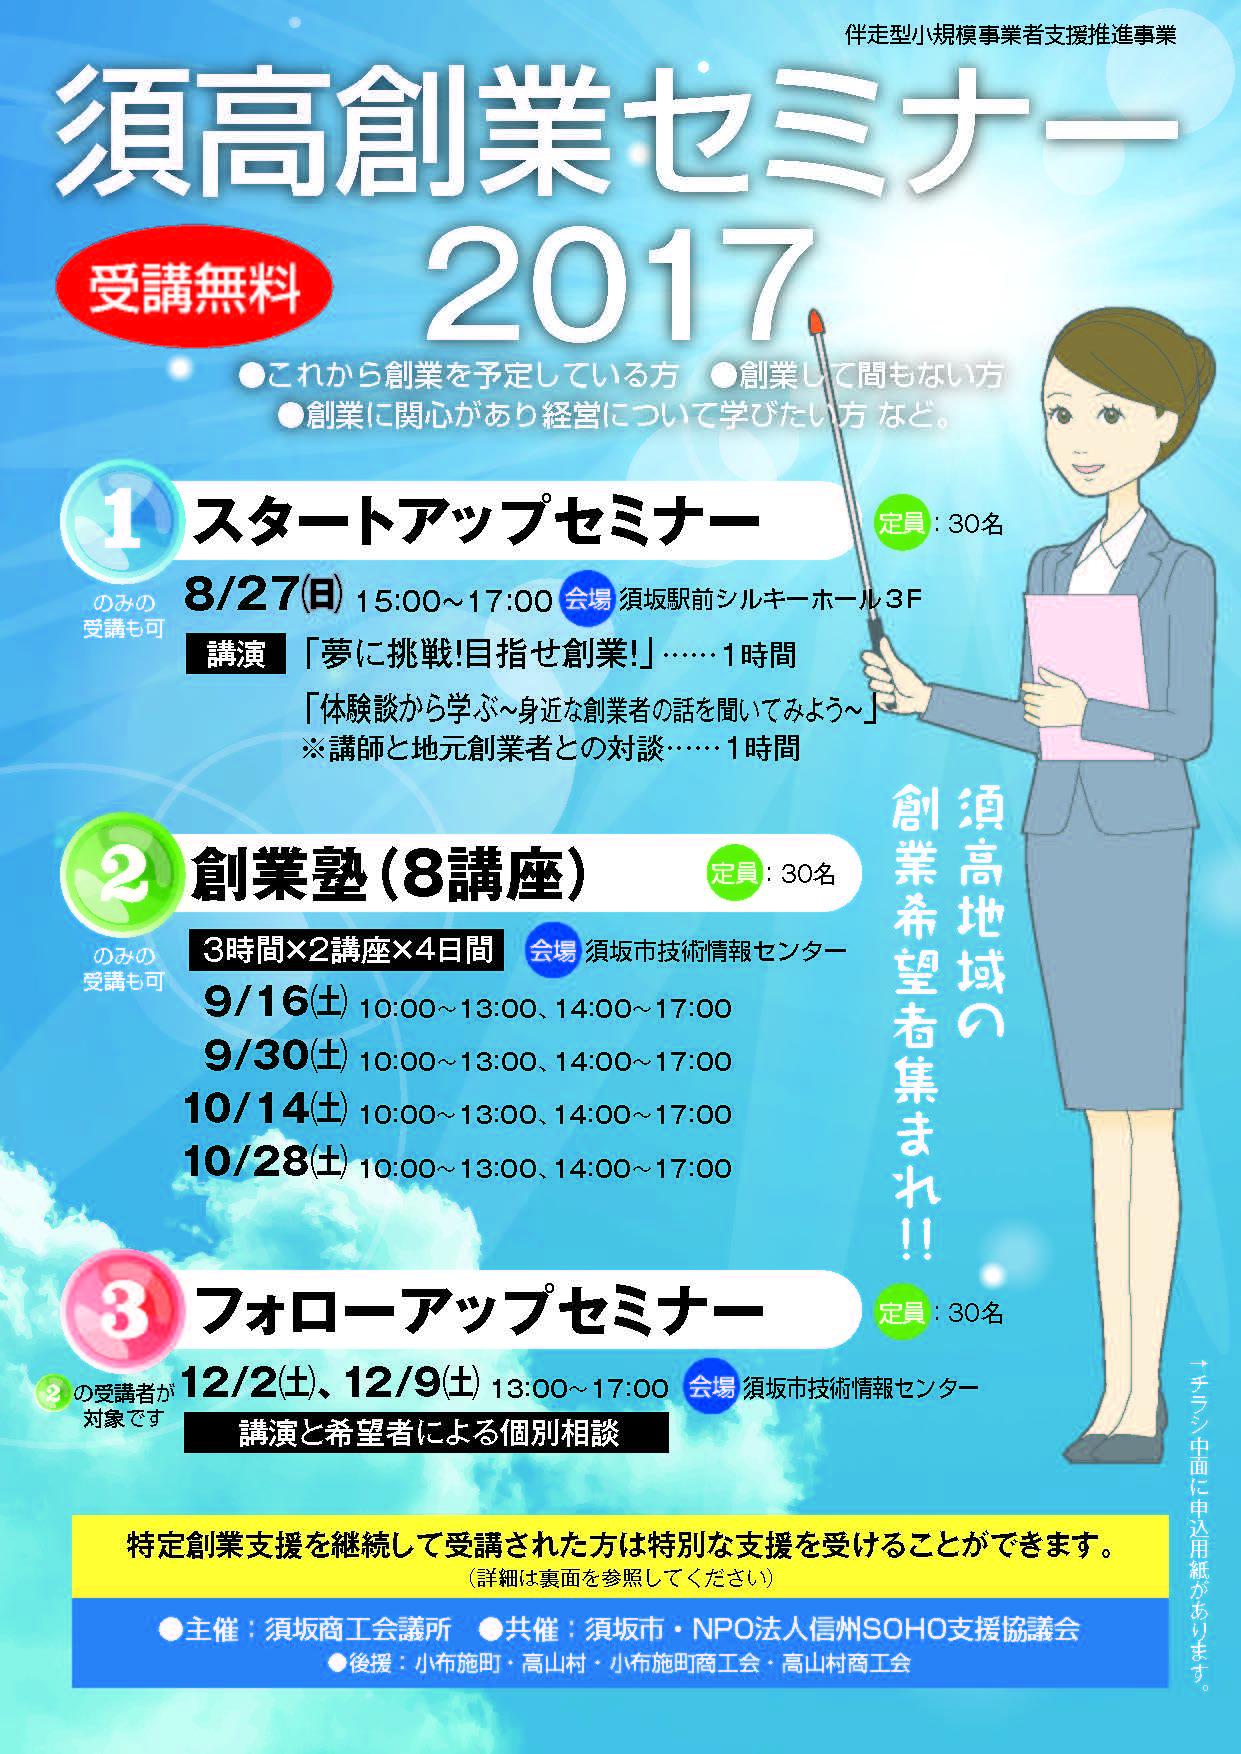 須高創業セミナー開講のお知らせ